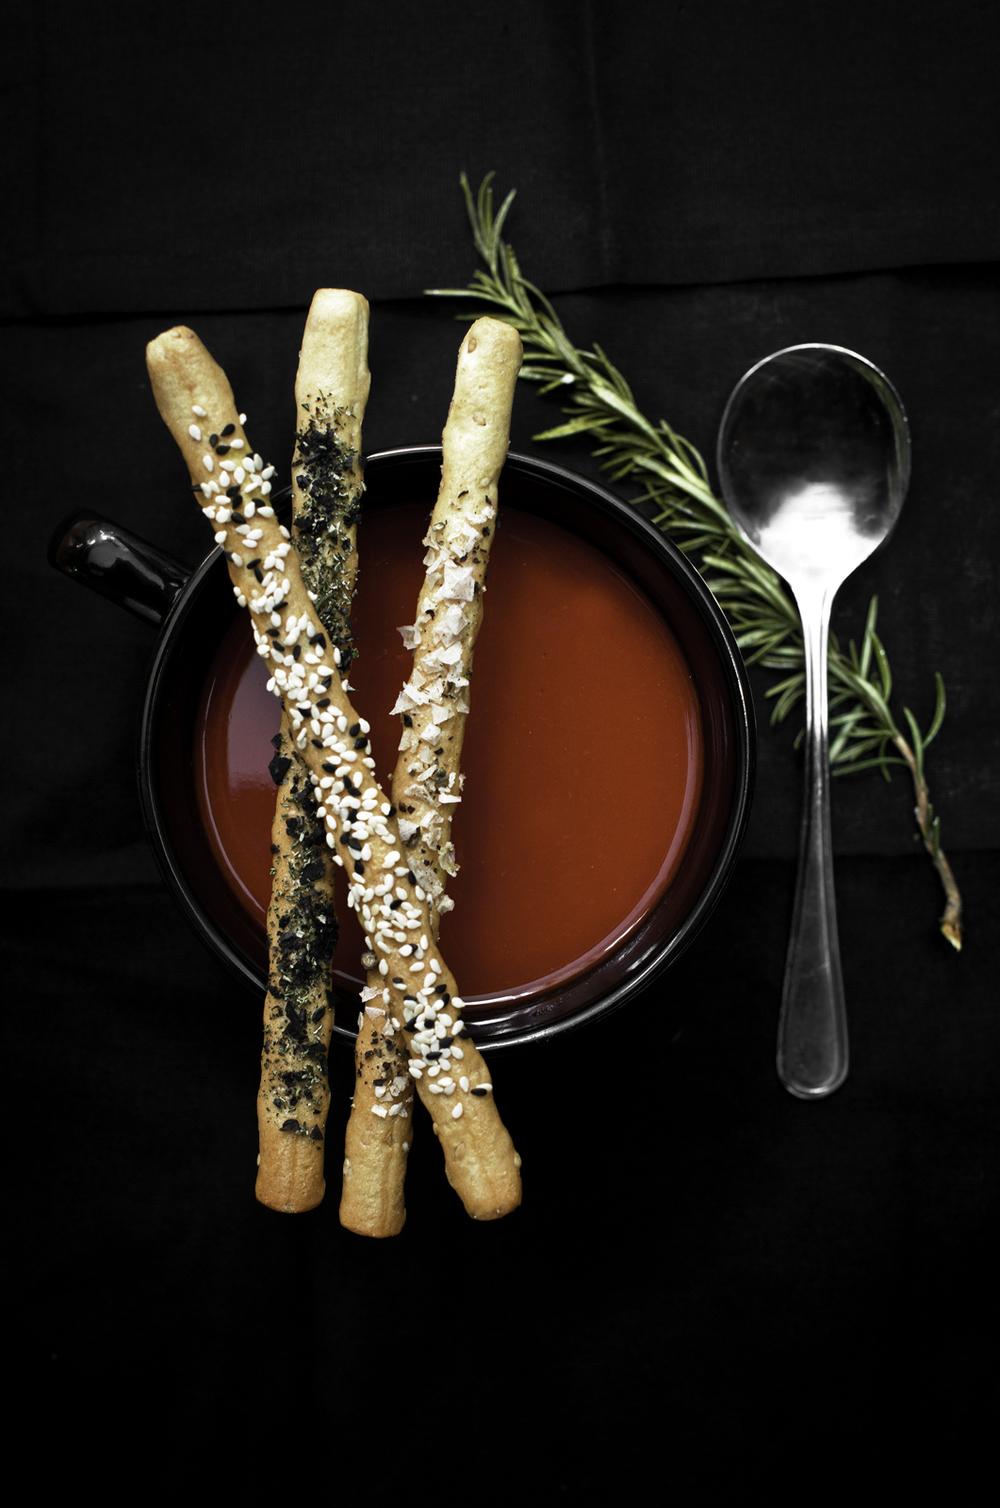 Tomato Soup 04.jpg